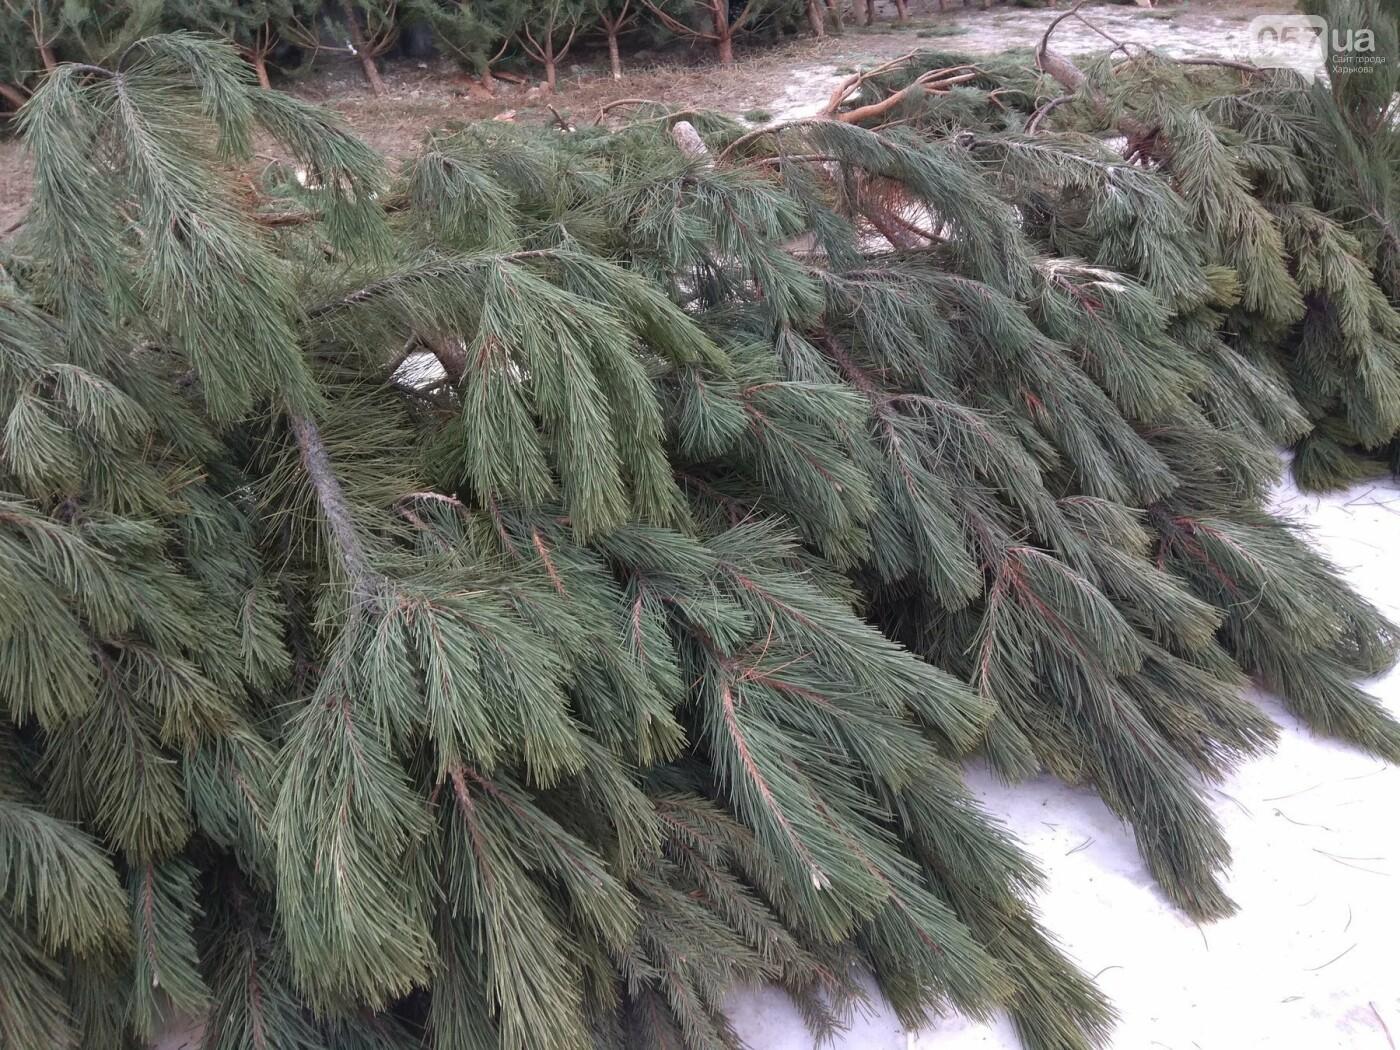 Новогодние елки в Харькове. Где и за сколько можно купить, - ФОТО, фото-2